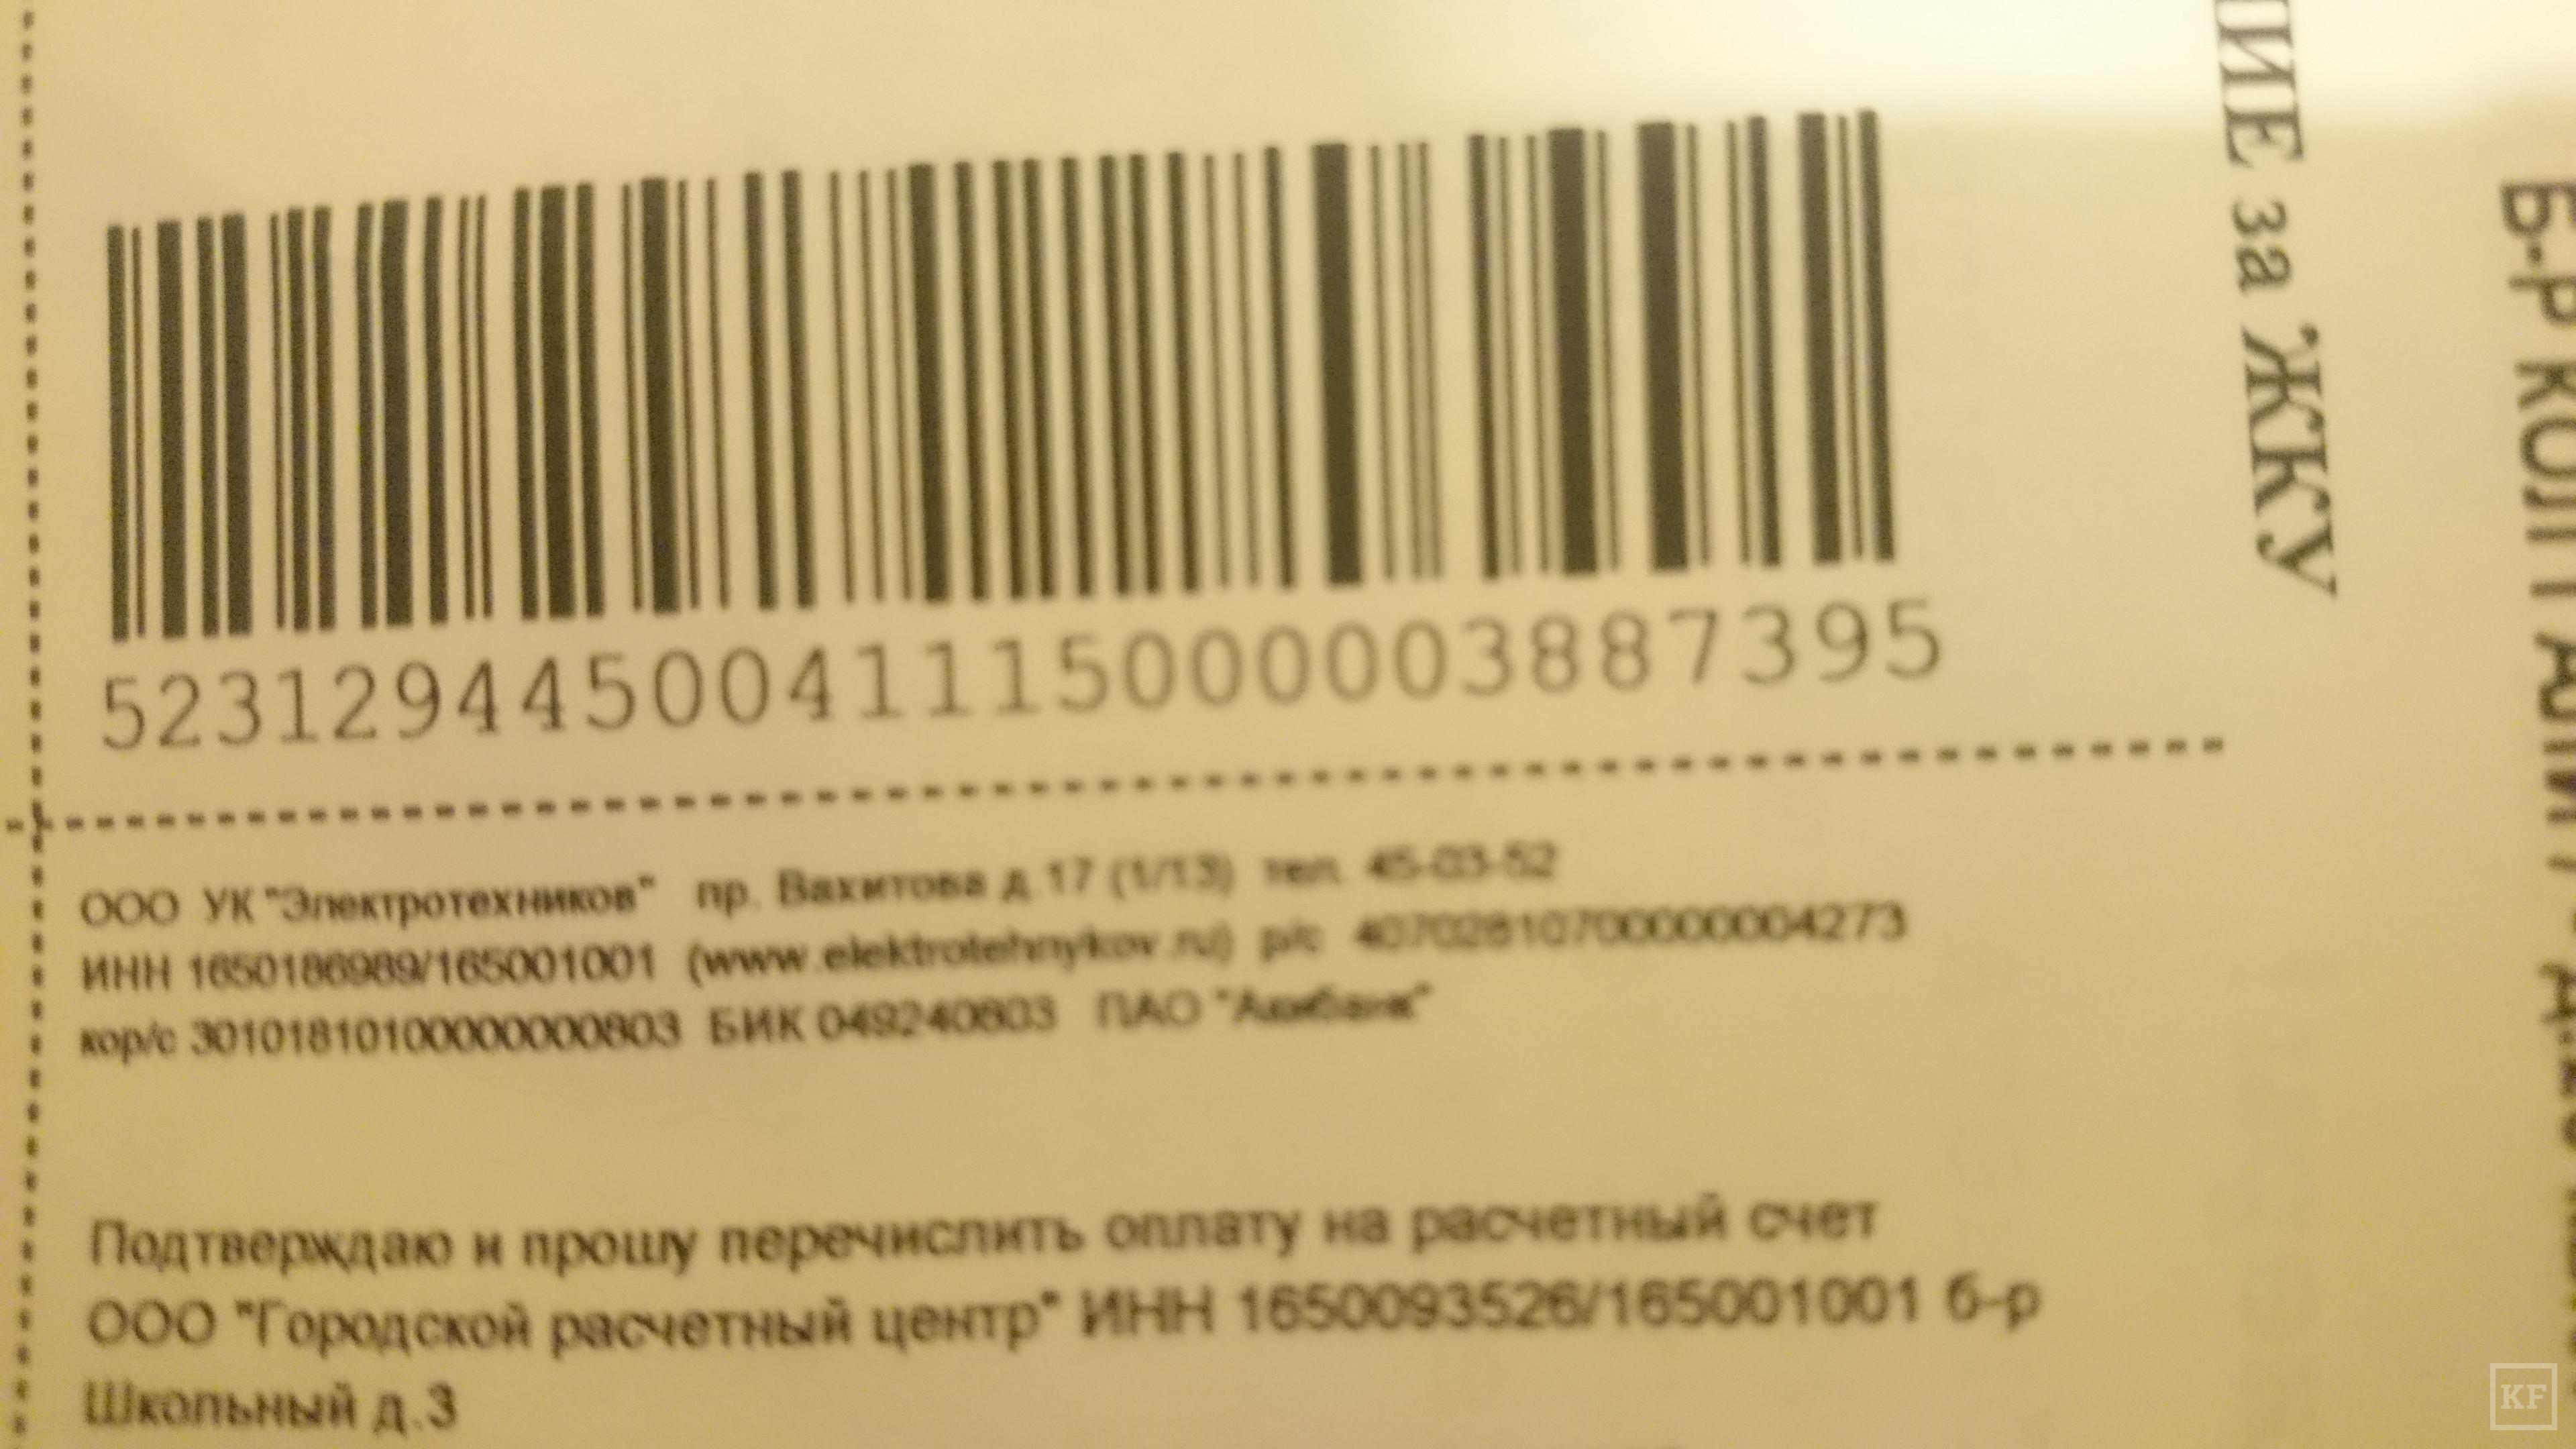 Челнинский городской расчётный центр необоснованно взимал 1,4% с каждого платежа за коммунальные услуги